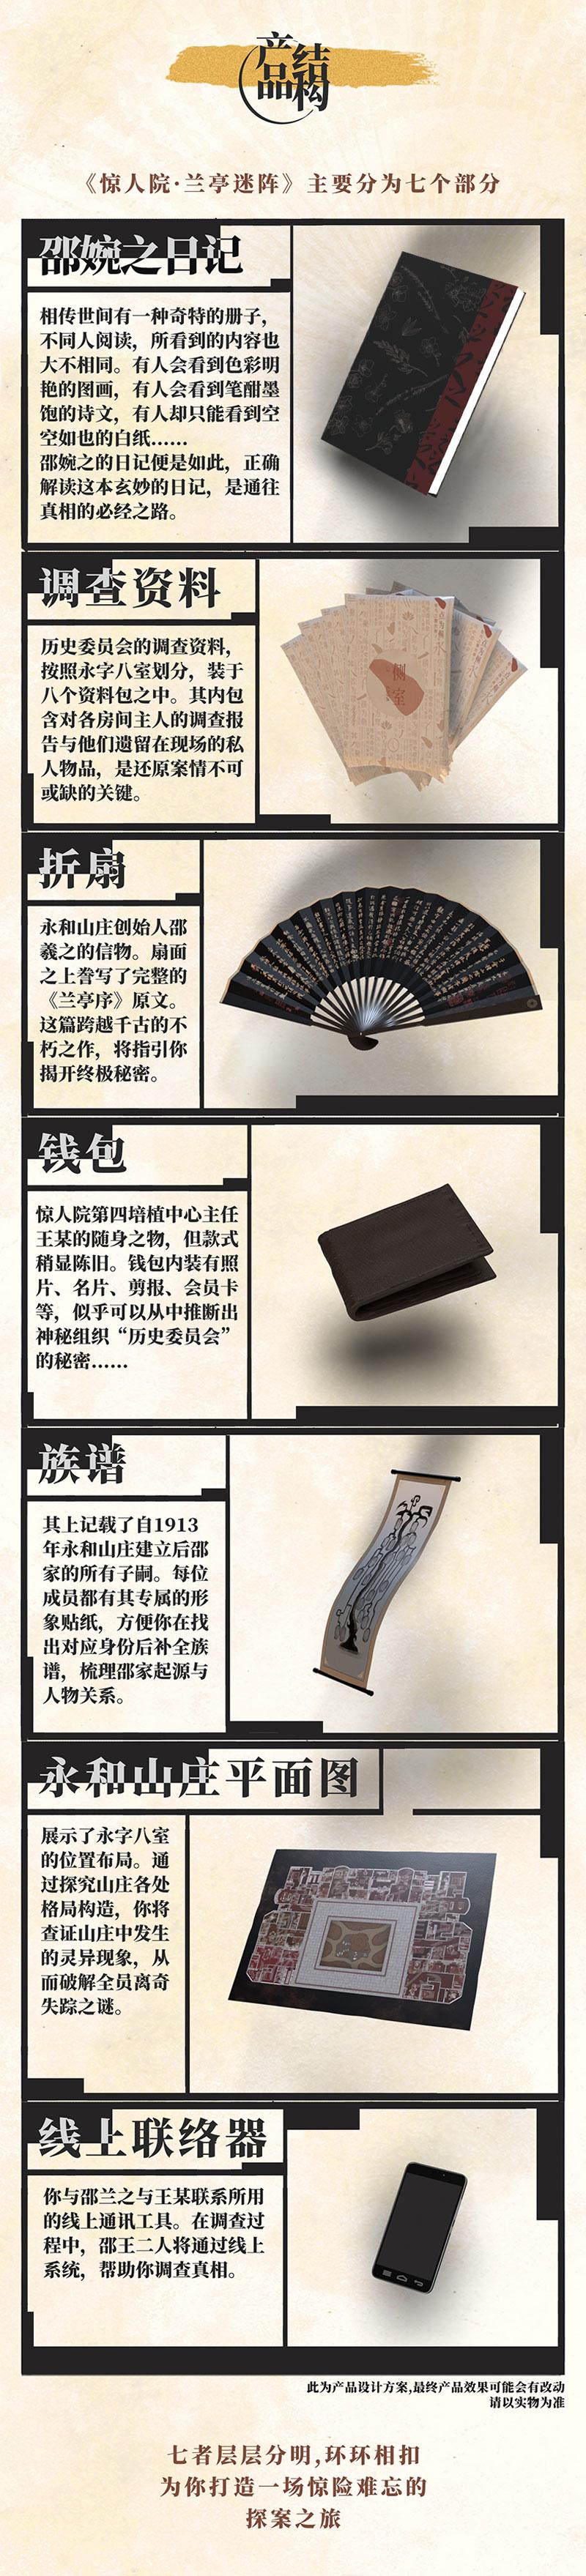 兰亭众筹0522-3(1).jpg